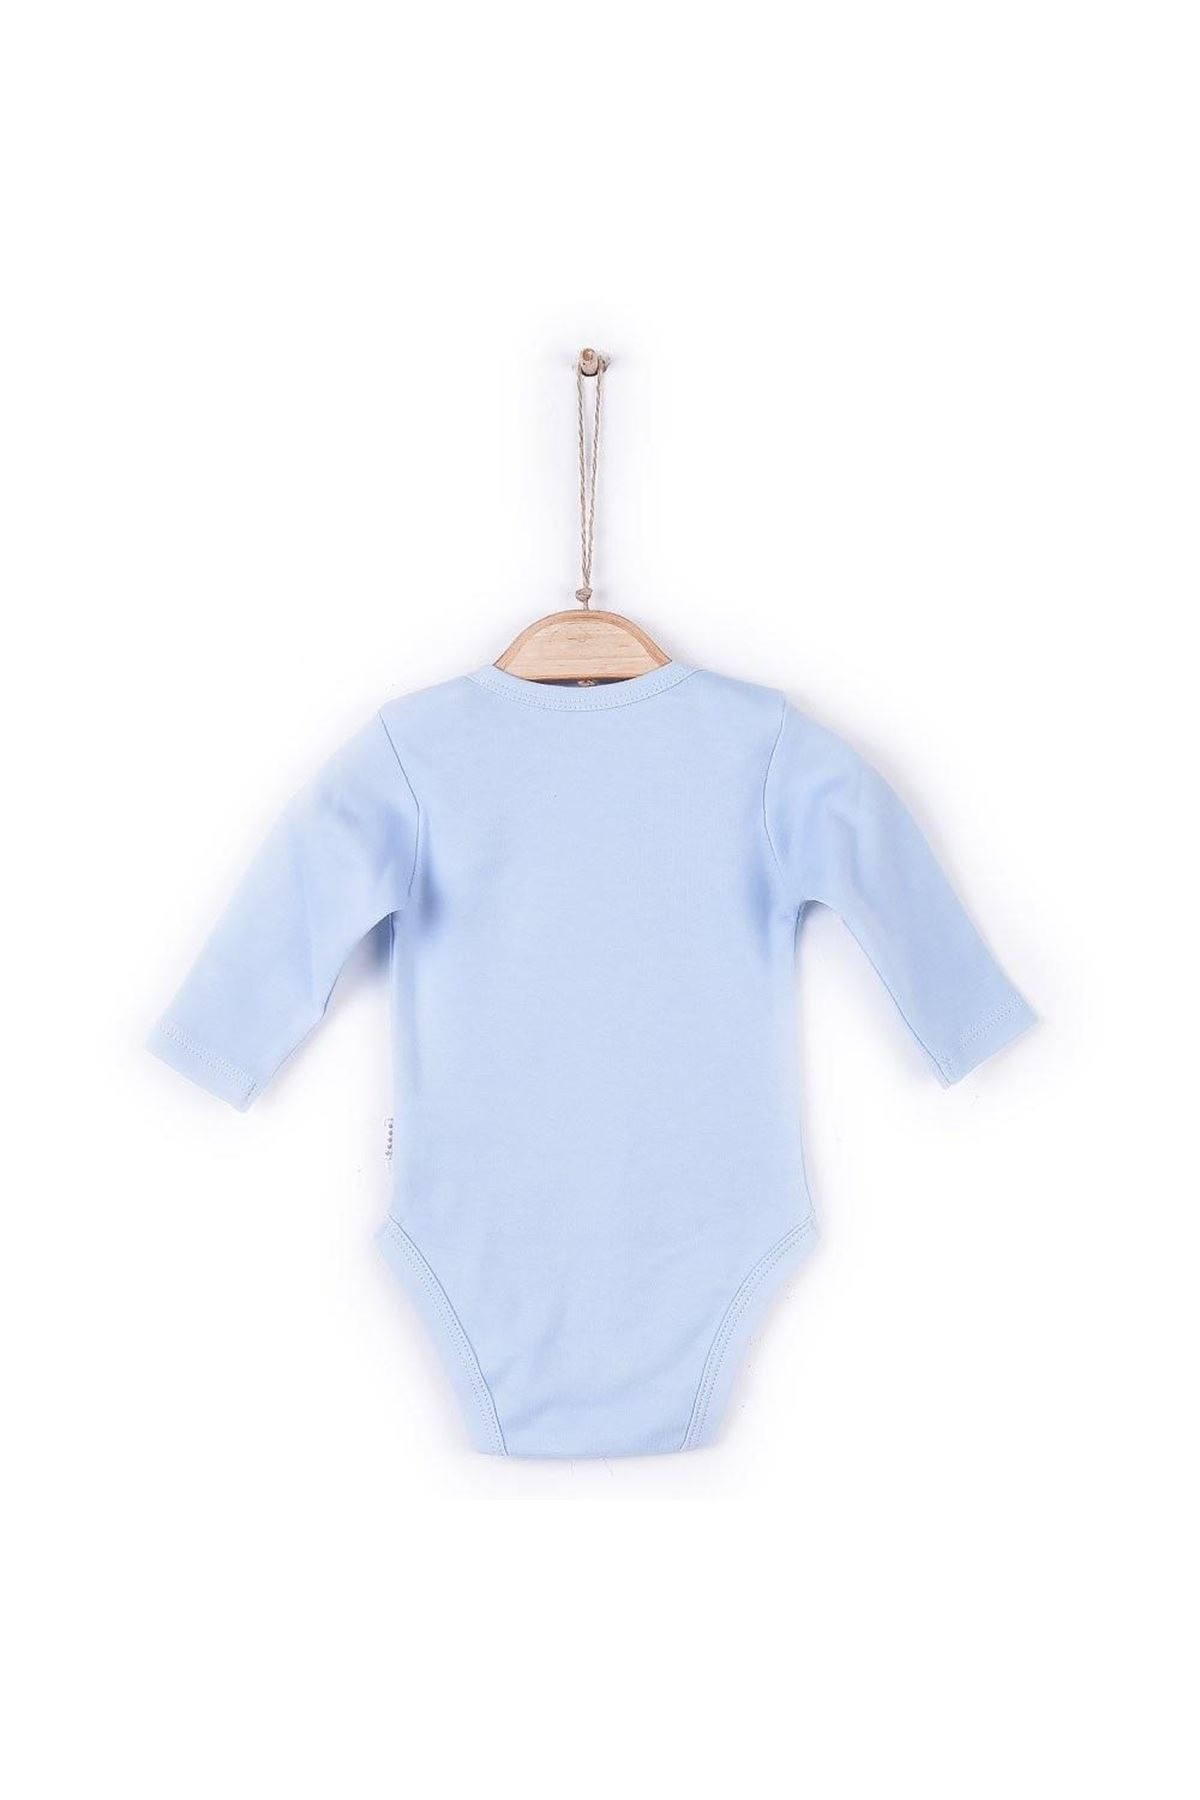 kitikate Unisex Bebek Mavi Organik Uzun Kol Amerikan Yaka Body 57195 2